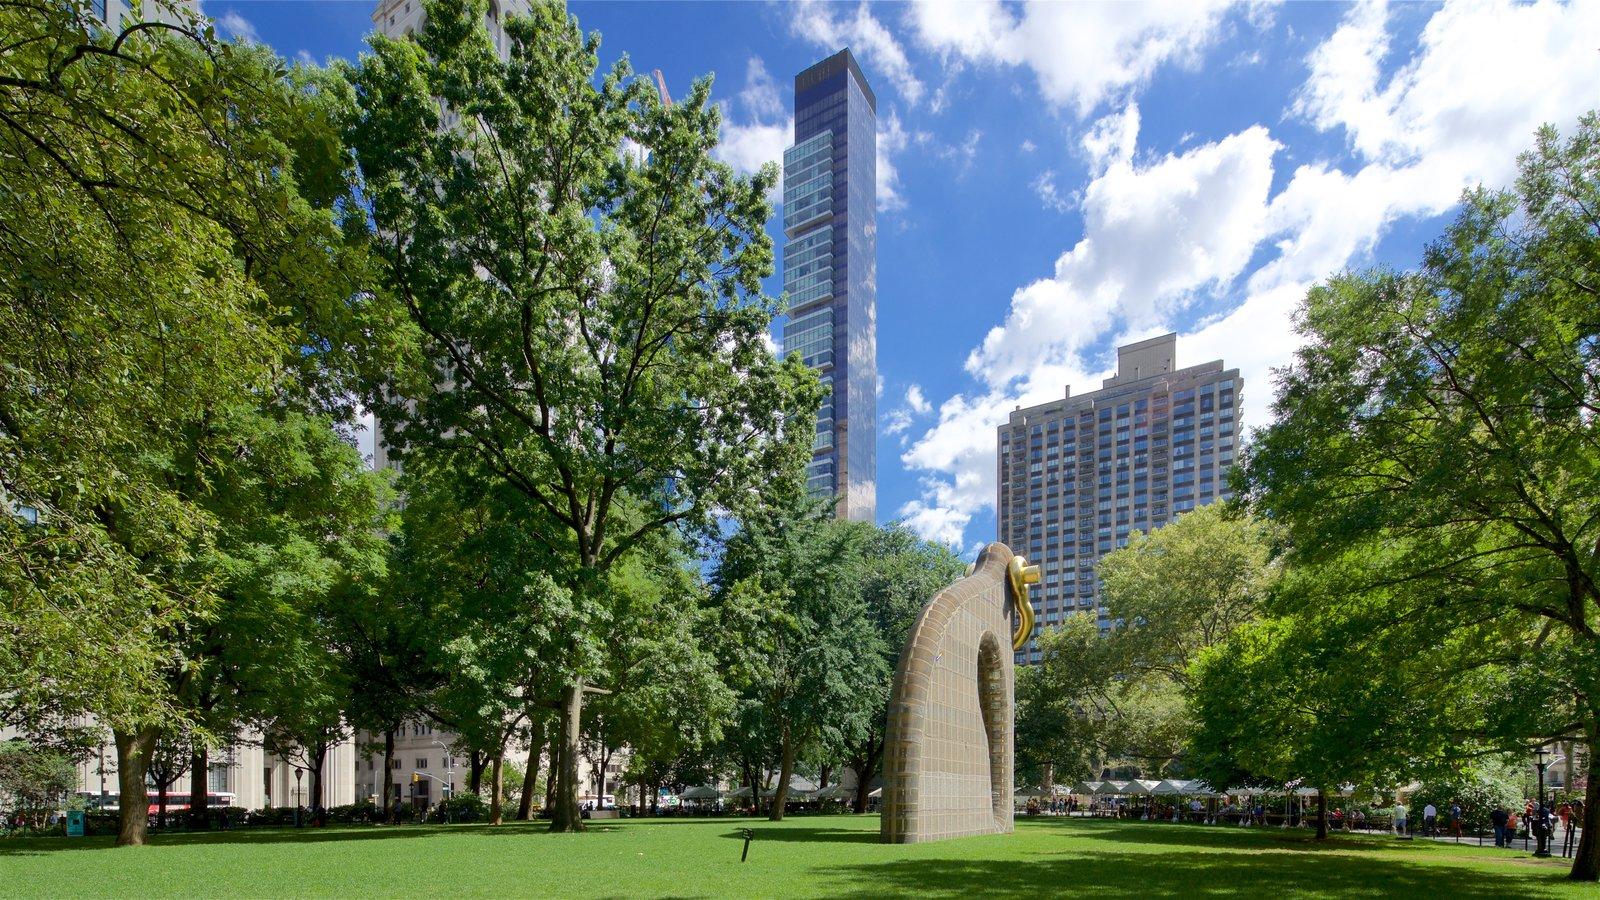 Madison Square Park mostrando um parque e arte ao ar livre